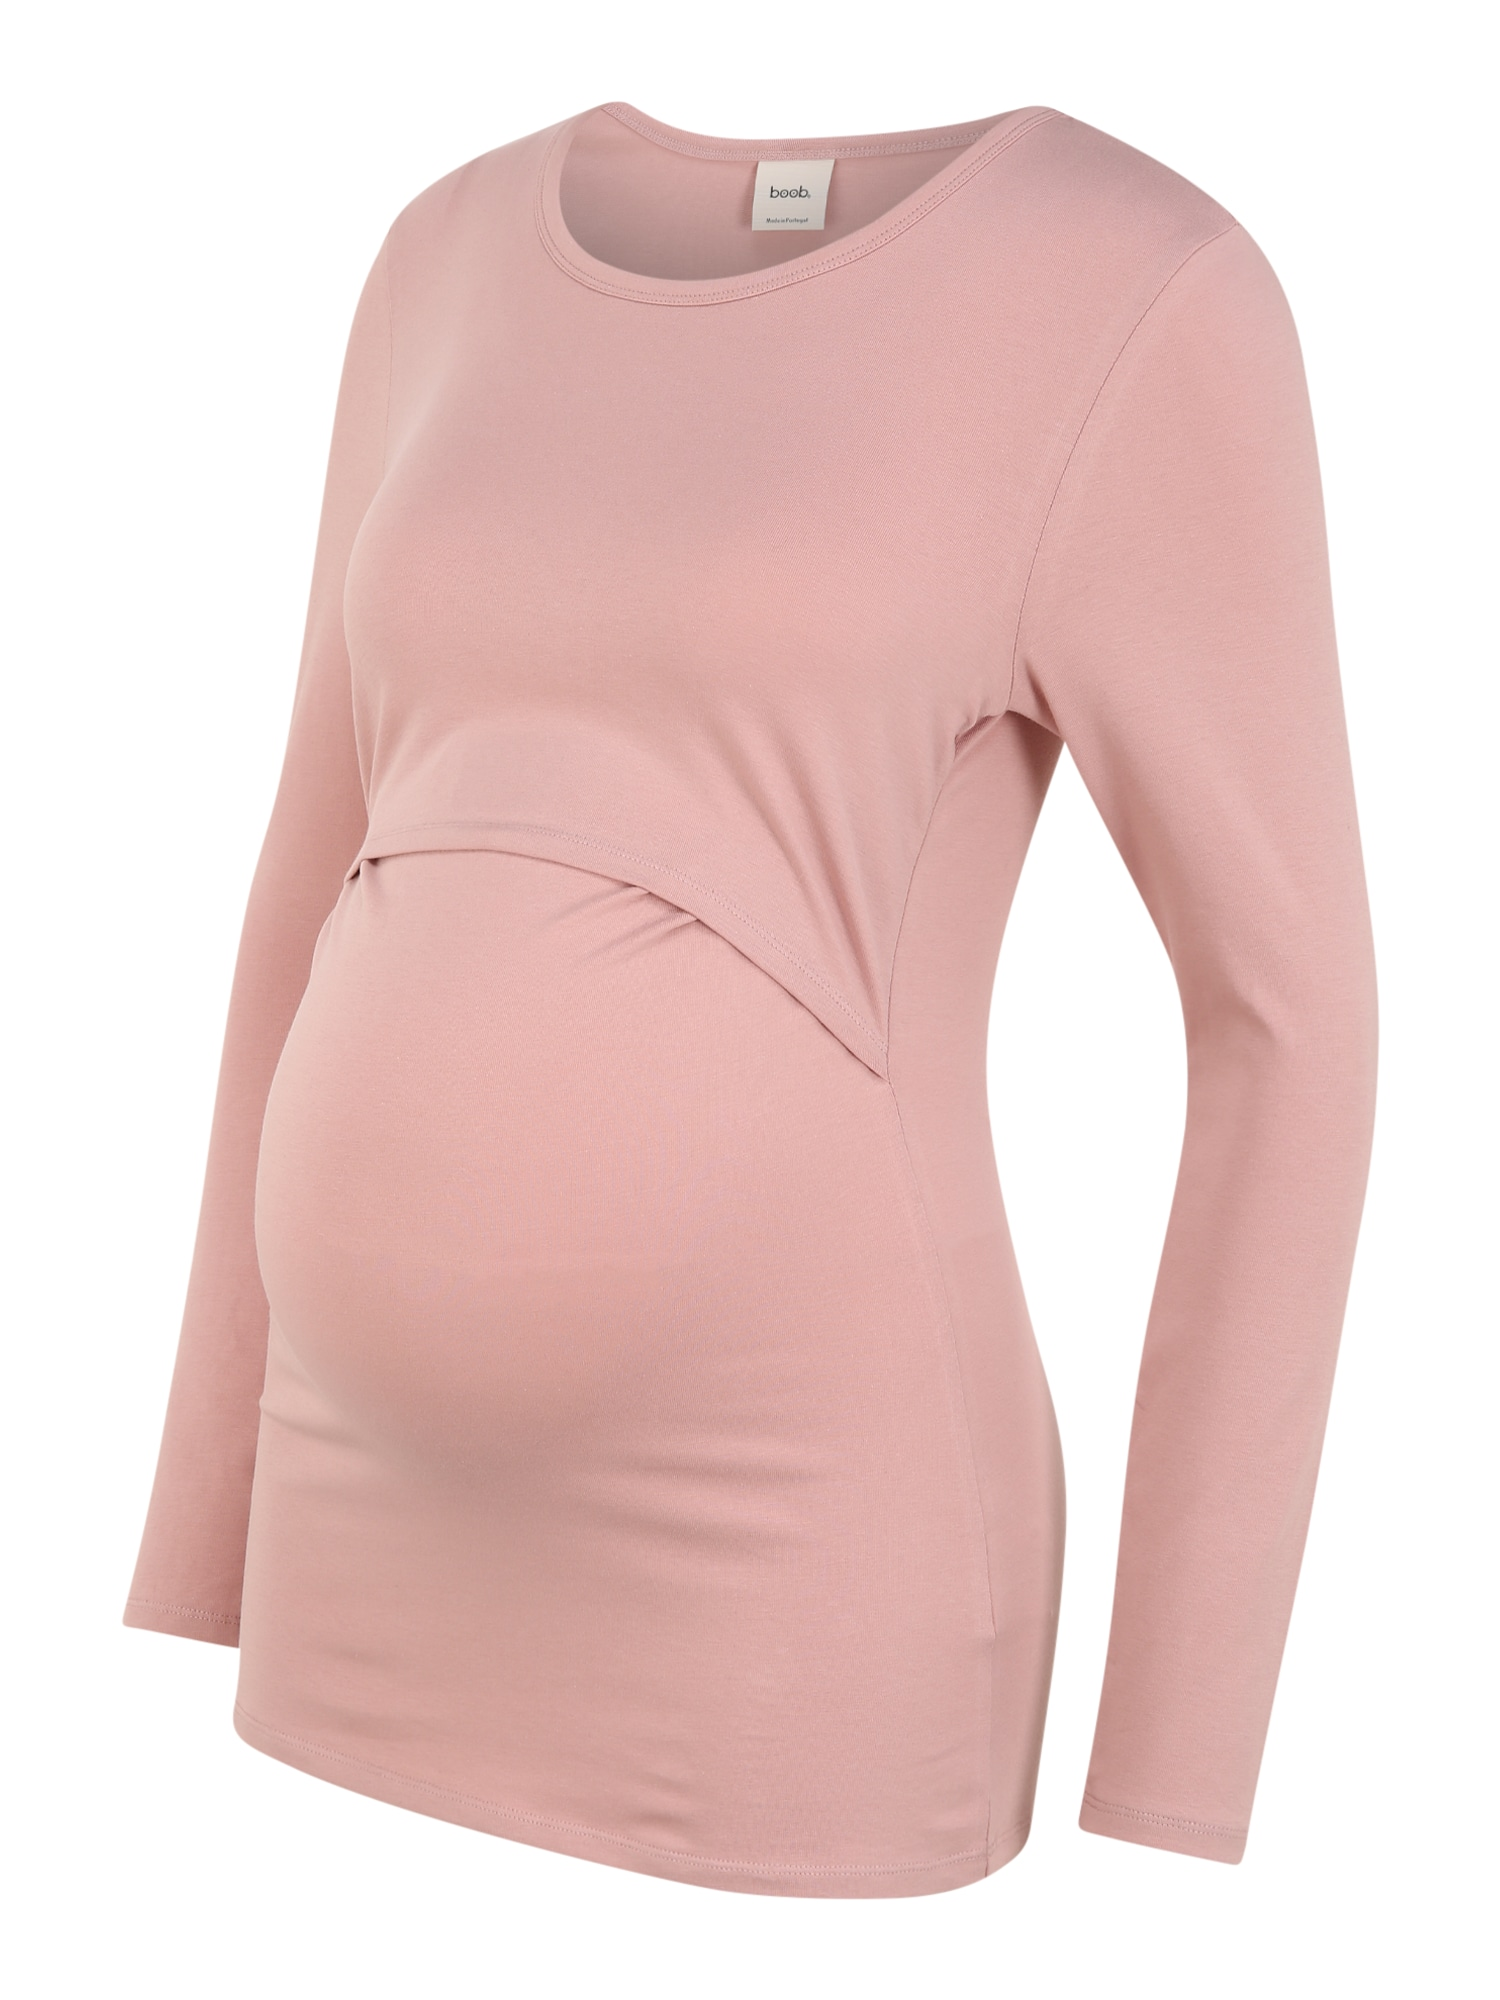 BOOB Marškinėliai rožinė